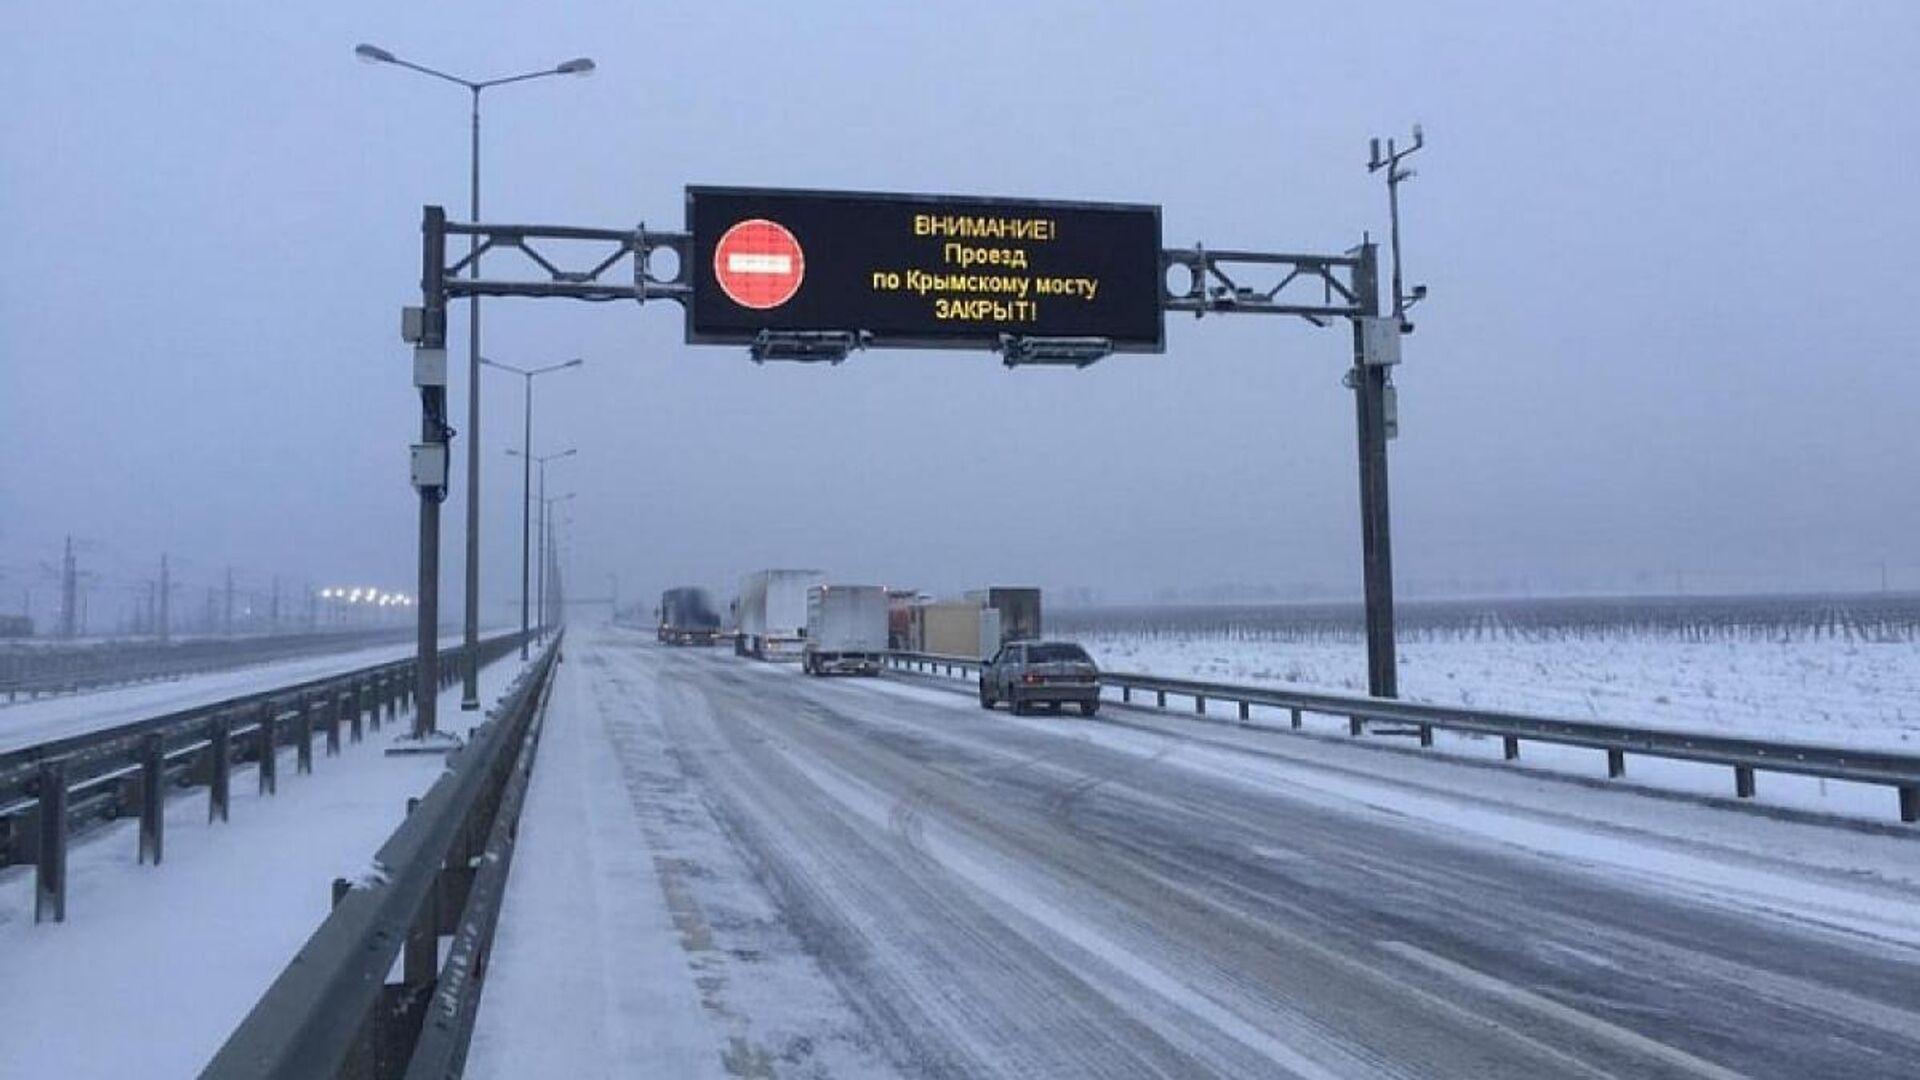 Последствия снегопада на Крымском мосту - РИА Новости, 1920, 19.02.2021